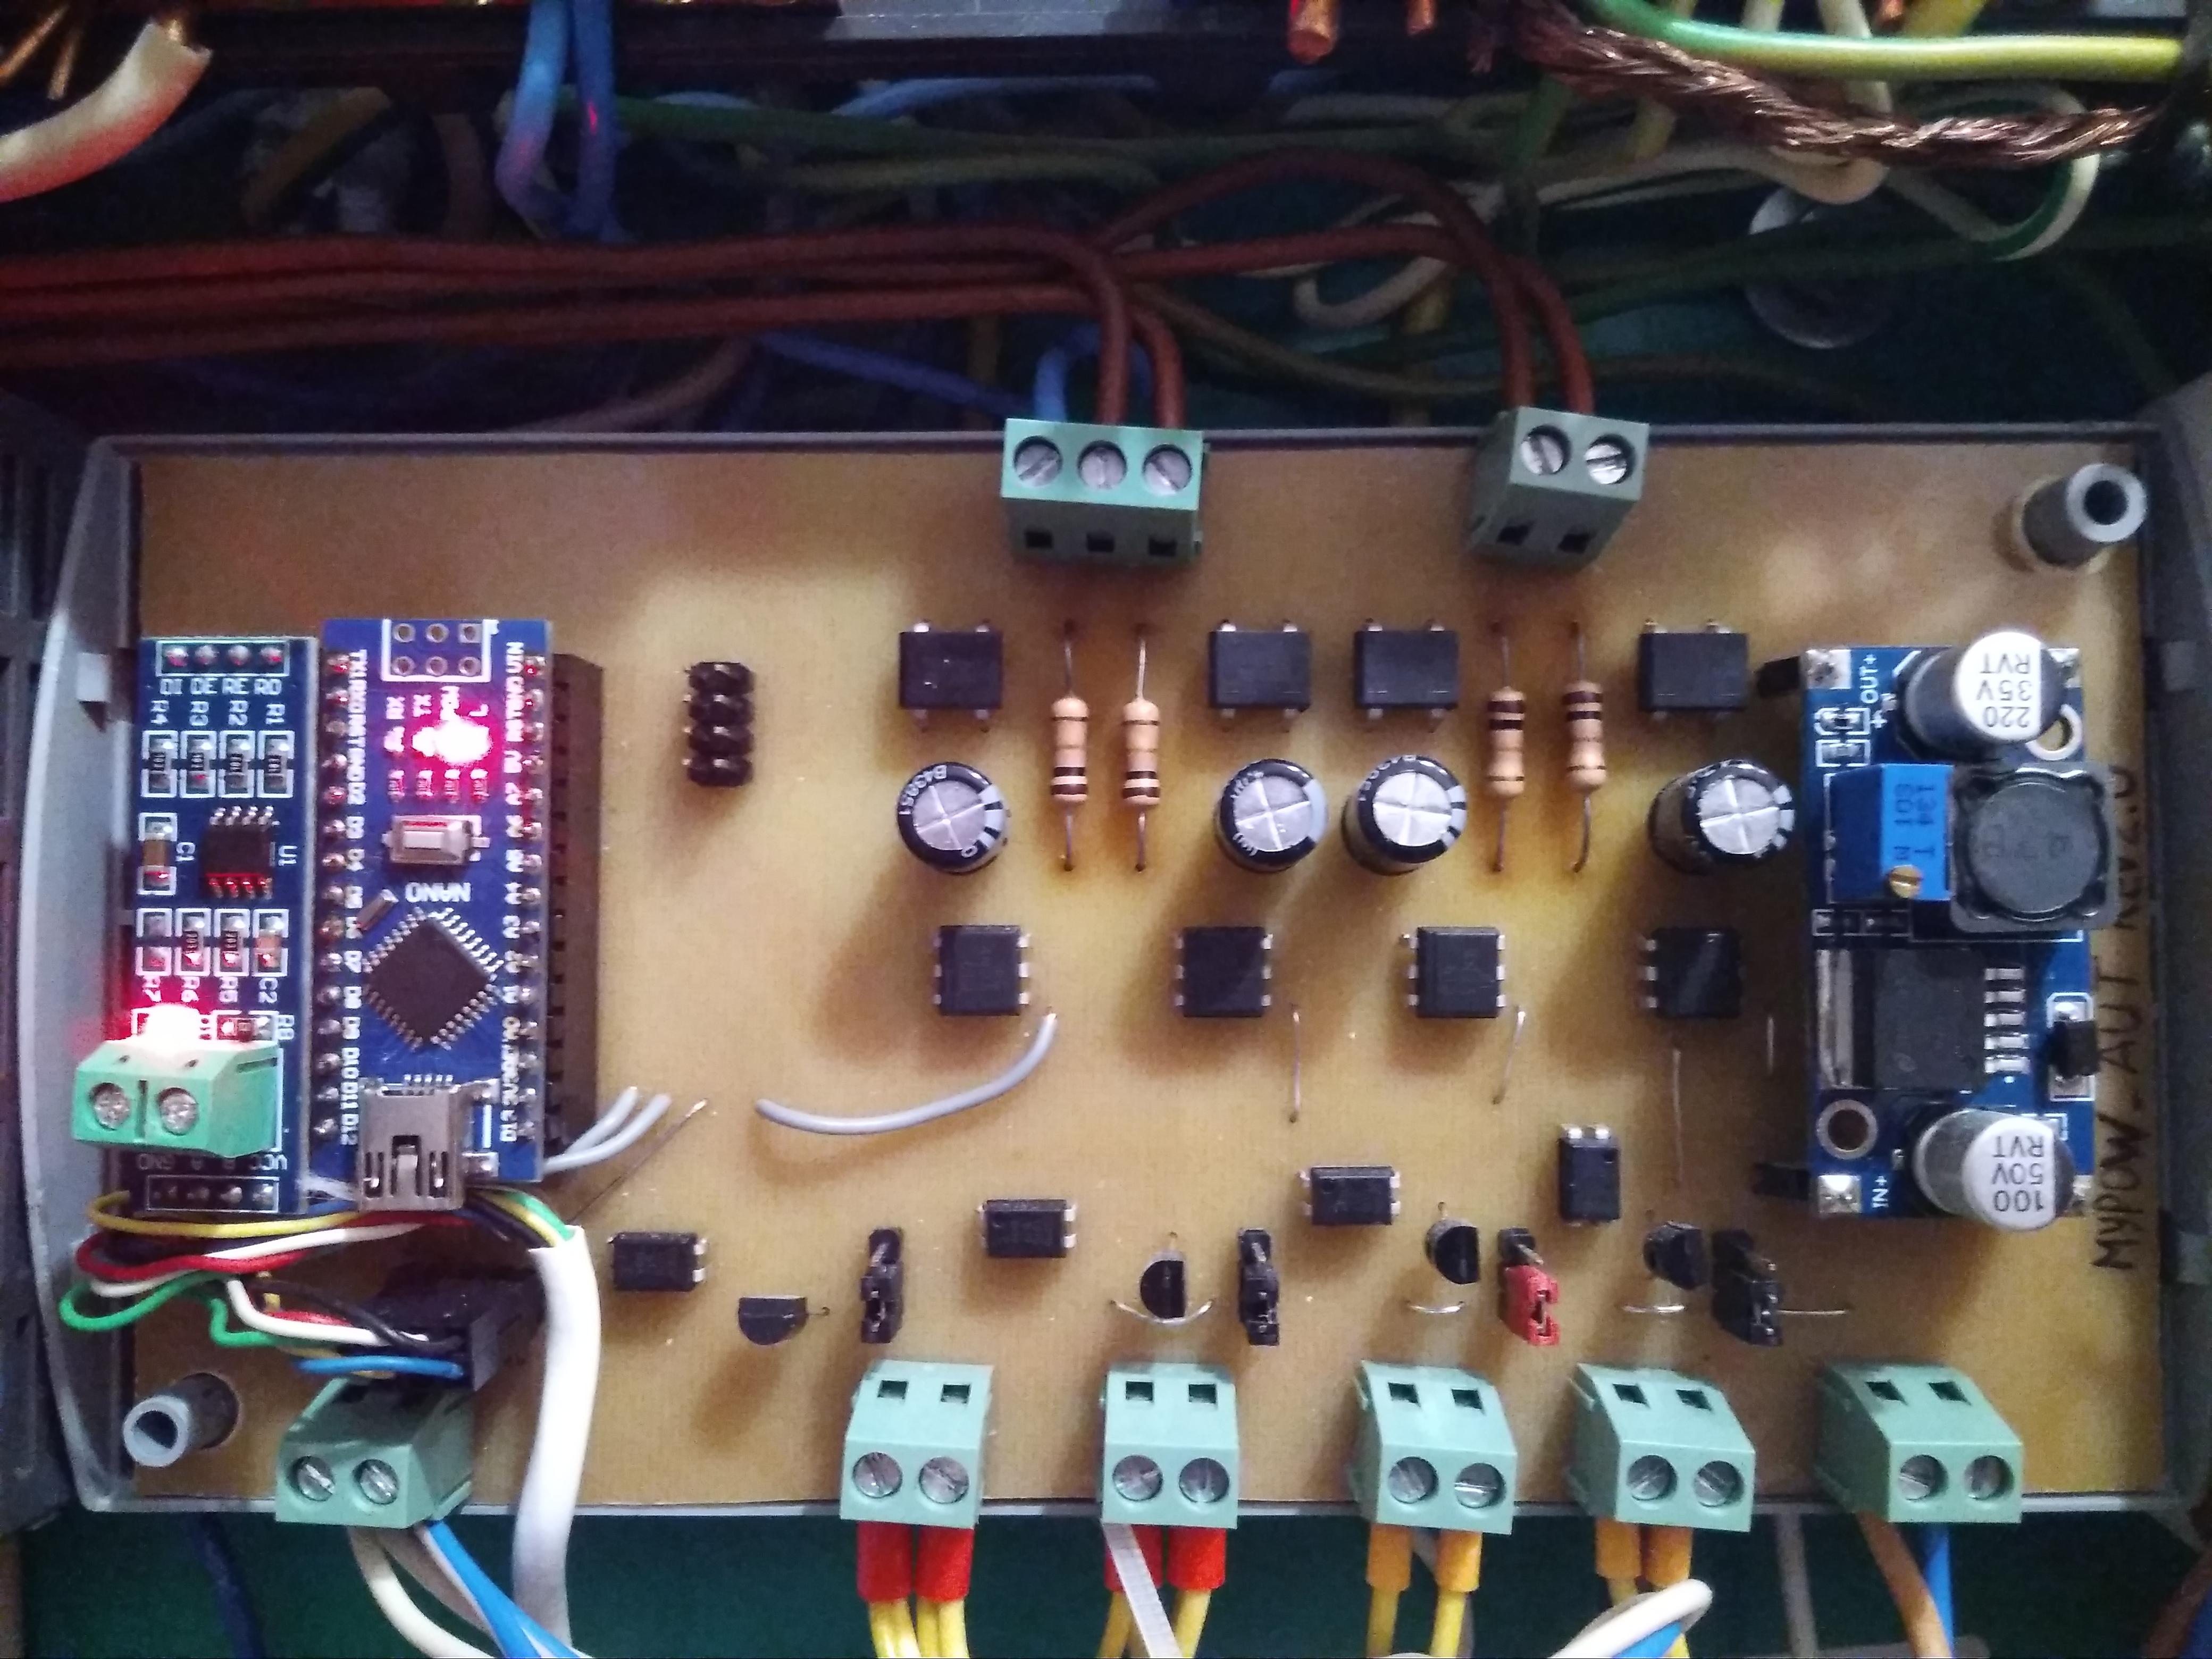 Плата блока управления электропитанием. Вверху клеммы каналов замера напряжения 220В, внизу разъемы RS-485, управляющие каналы и 12В разъем питания